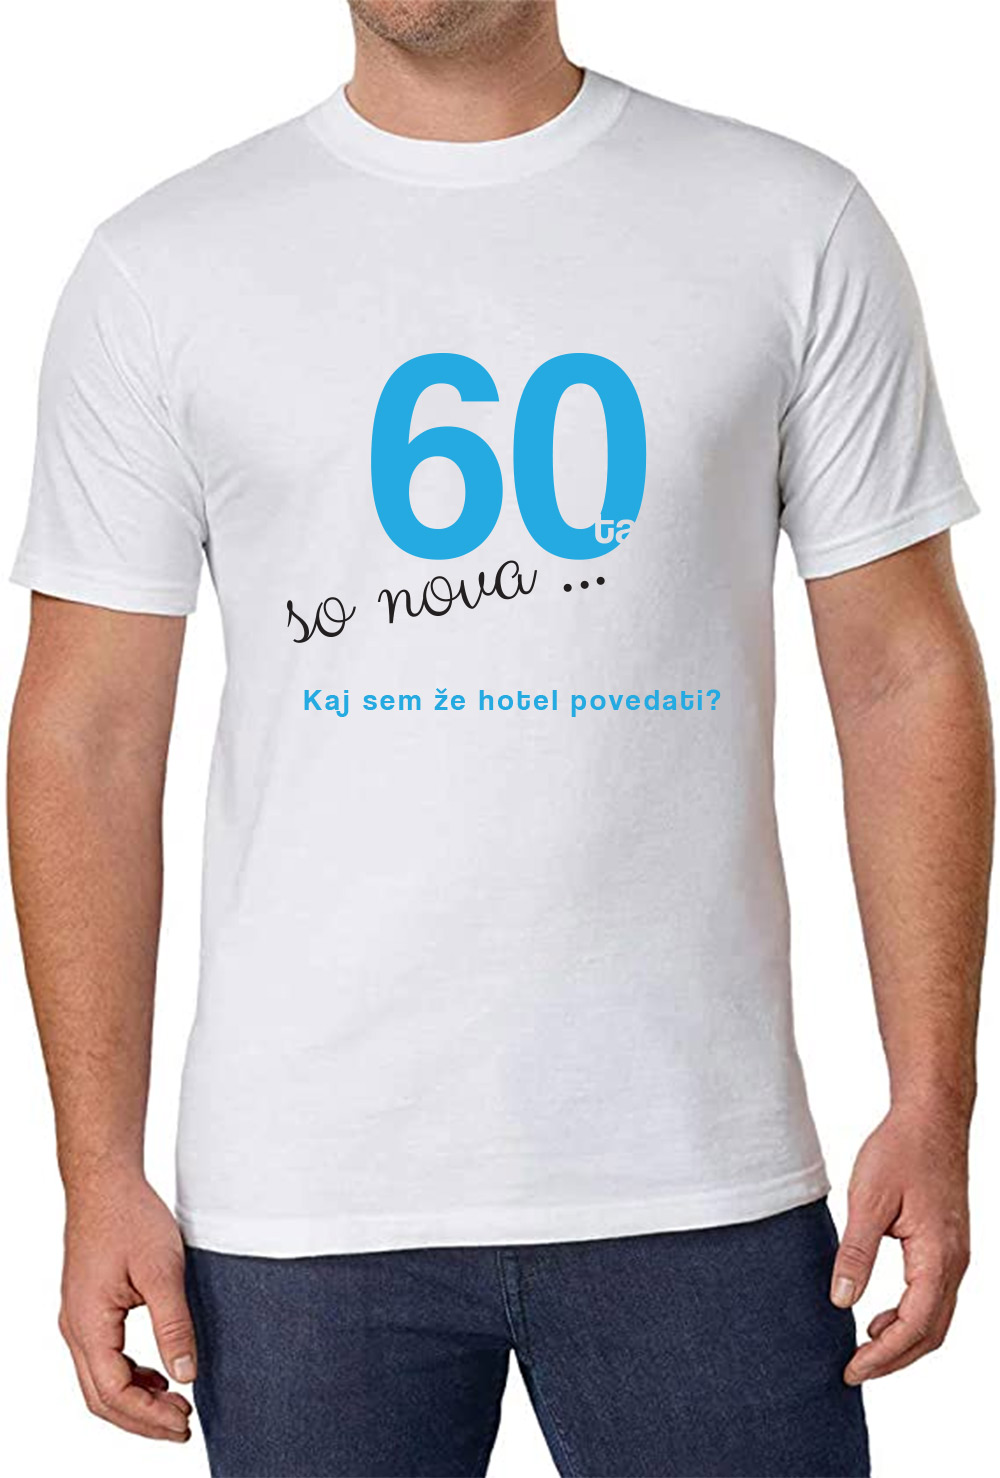 vizualno-oblikovanje-majica-60-let